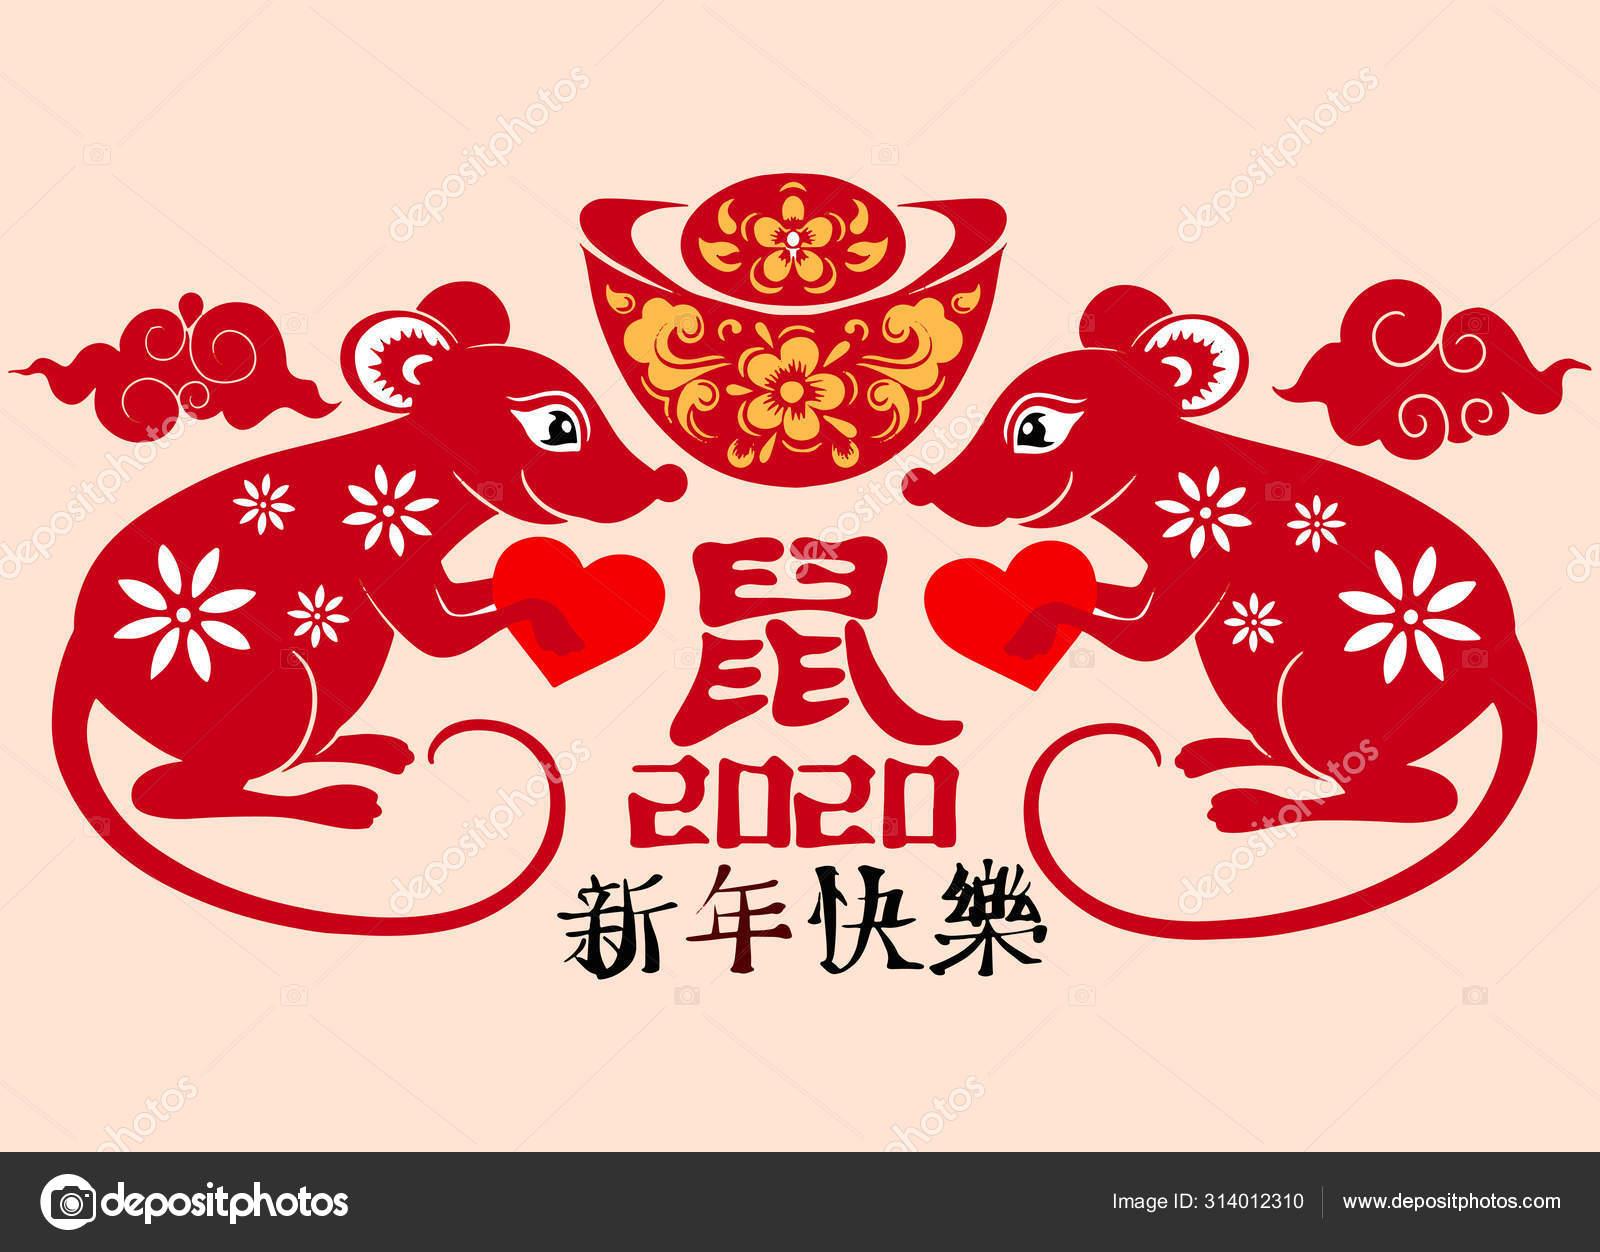 поздравить китайца с новым годом на английском русском